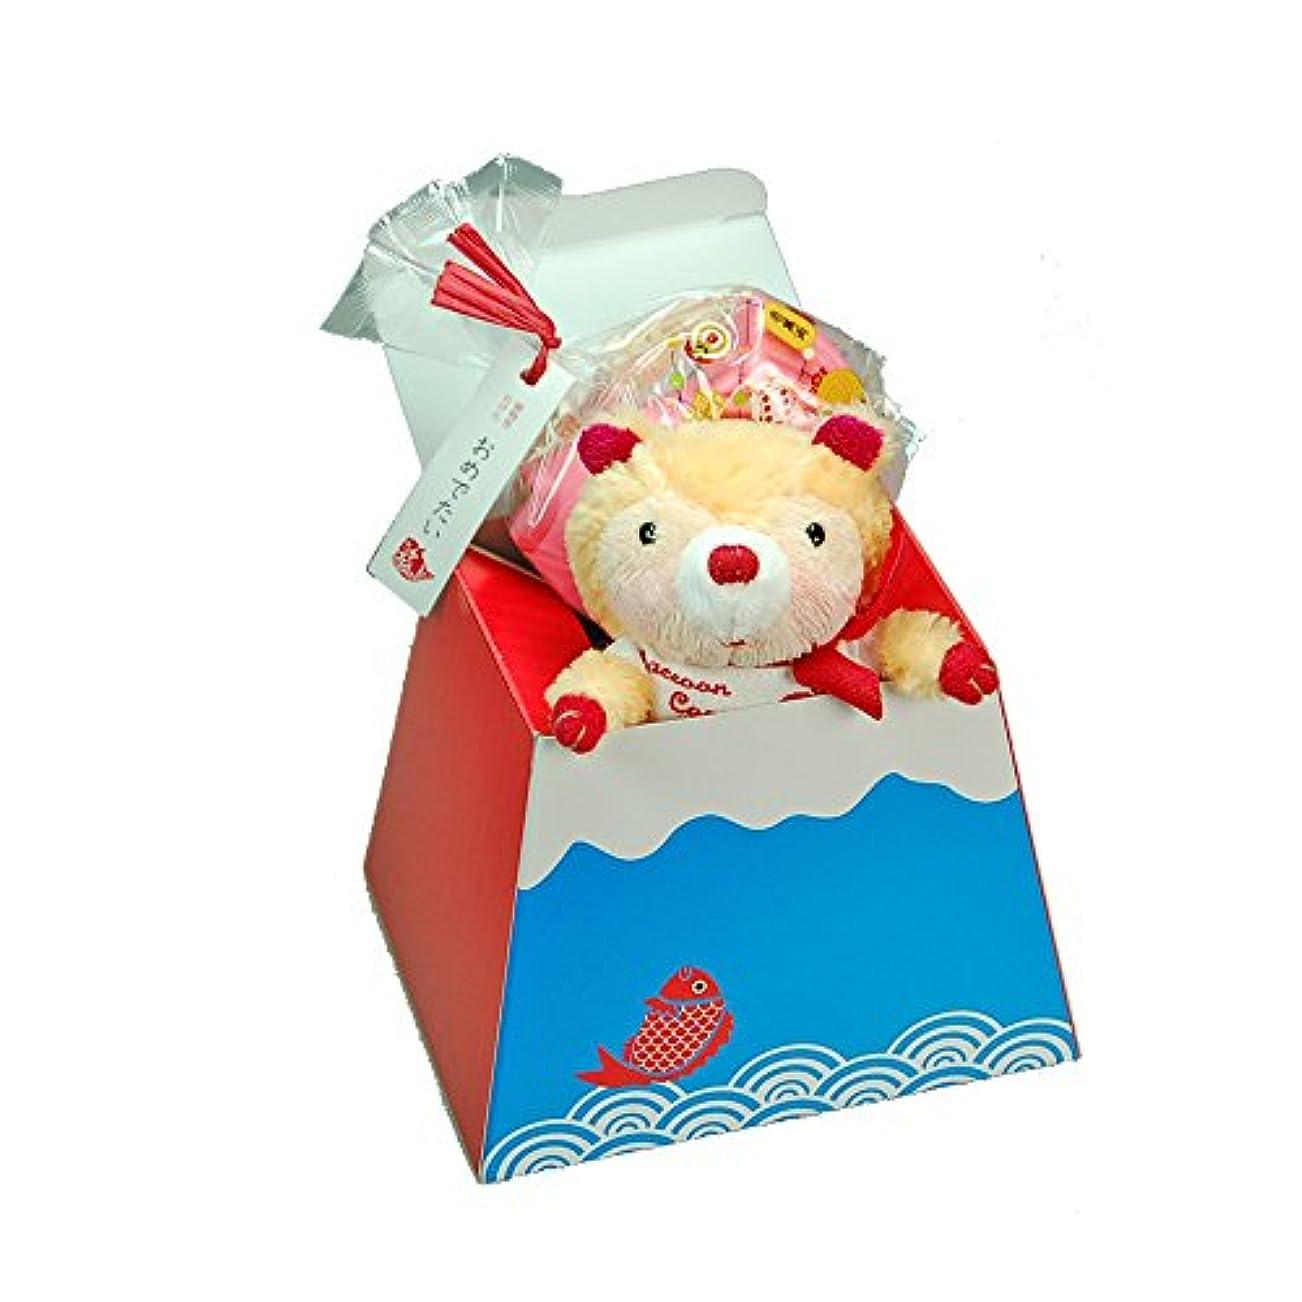 セグメントアラートアルコーブプチギフト リトルマスコット 鯛 石けん 富士山ラッピング付き 誕生日プレゼント お祝い 入学 卒業  (リトルセット)